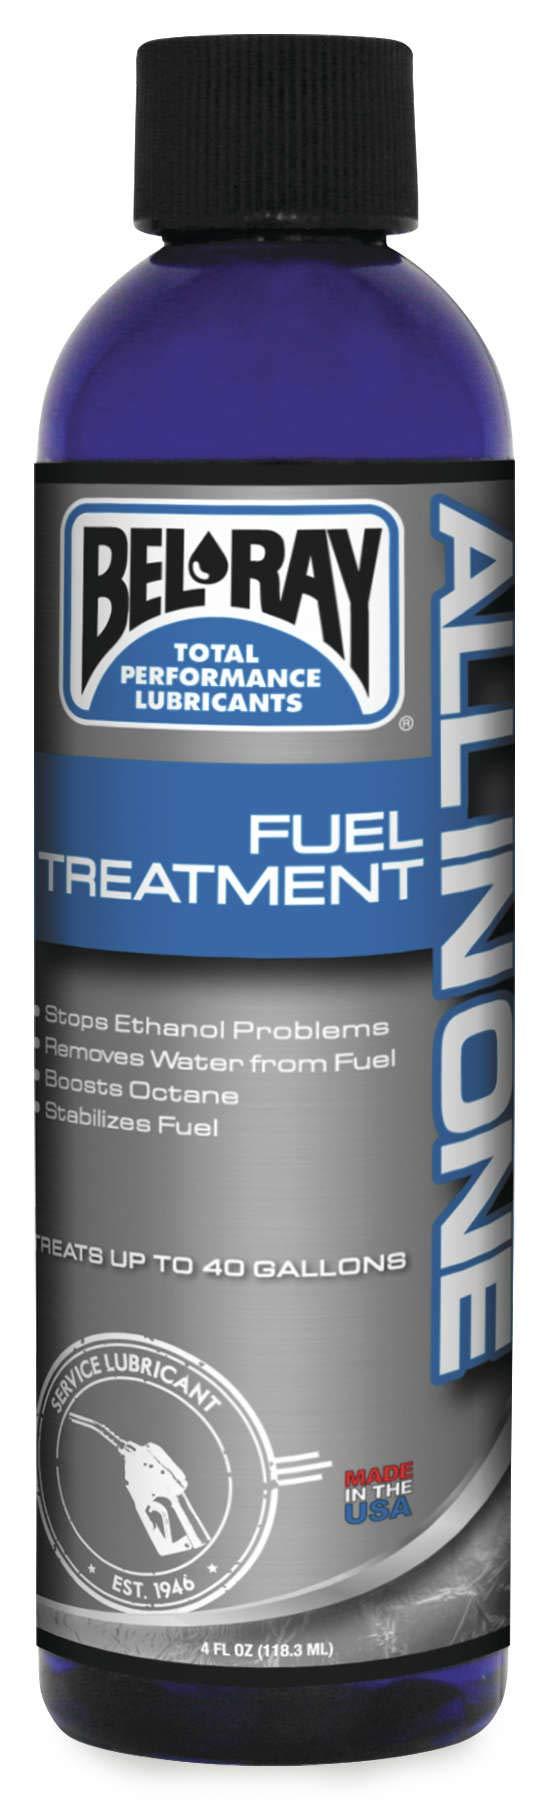 Bel Ray Lubricants All N One Fuel Trtmnt 1Oz 99570-Bt1oZ